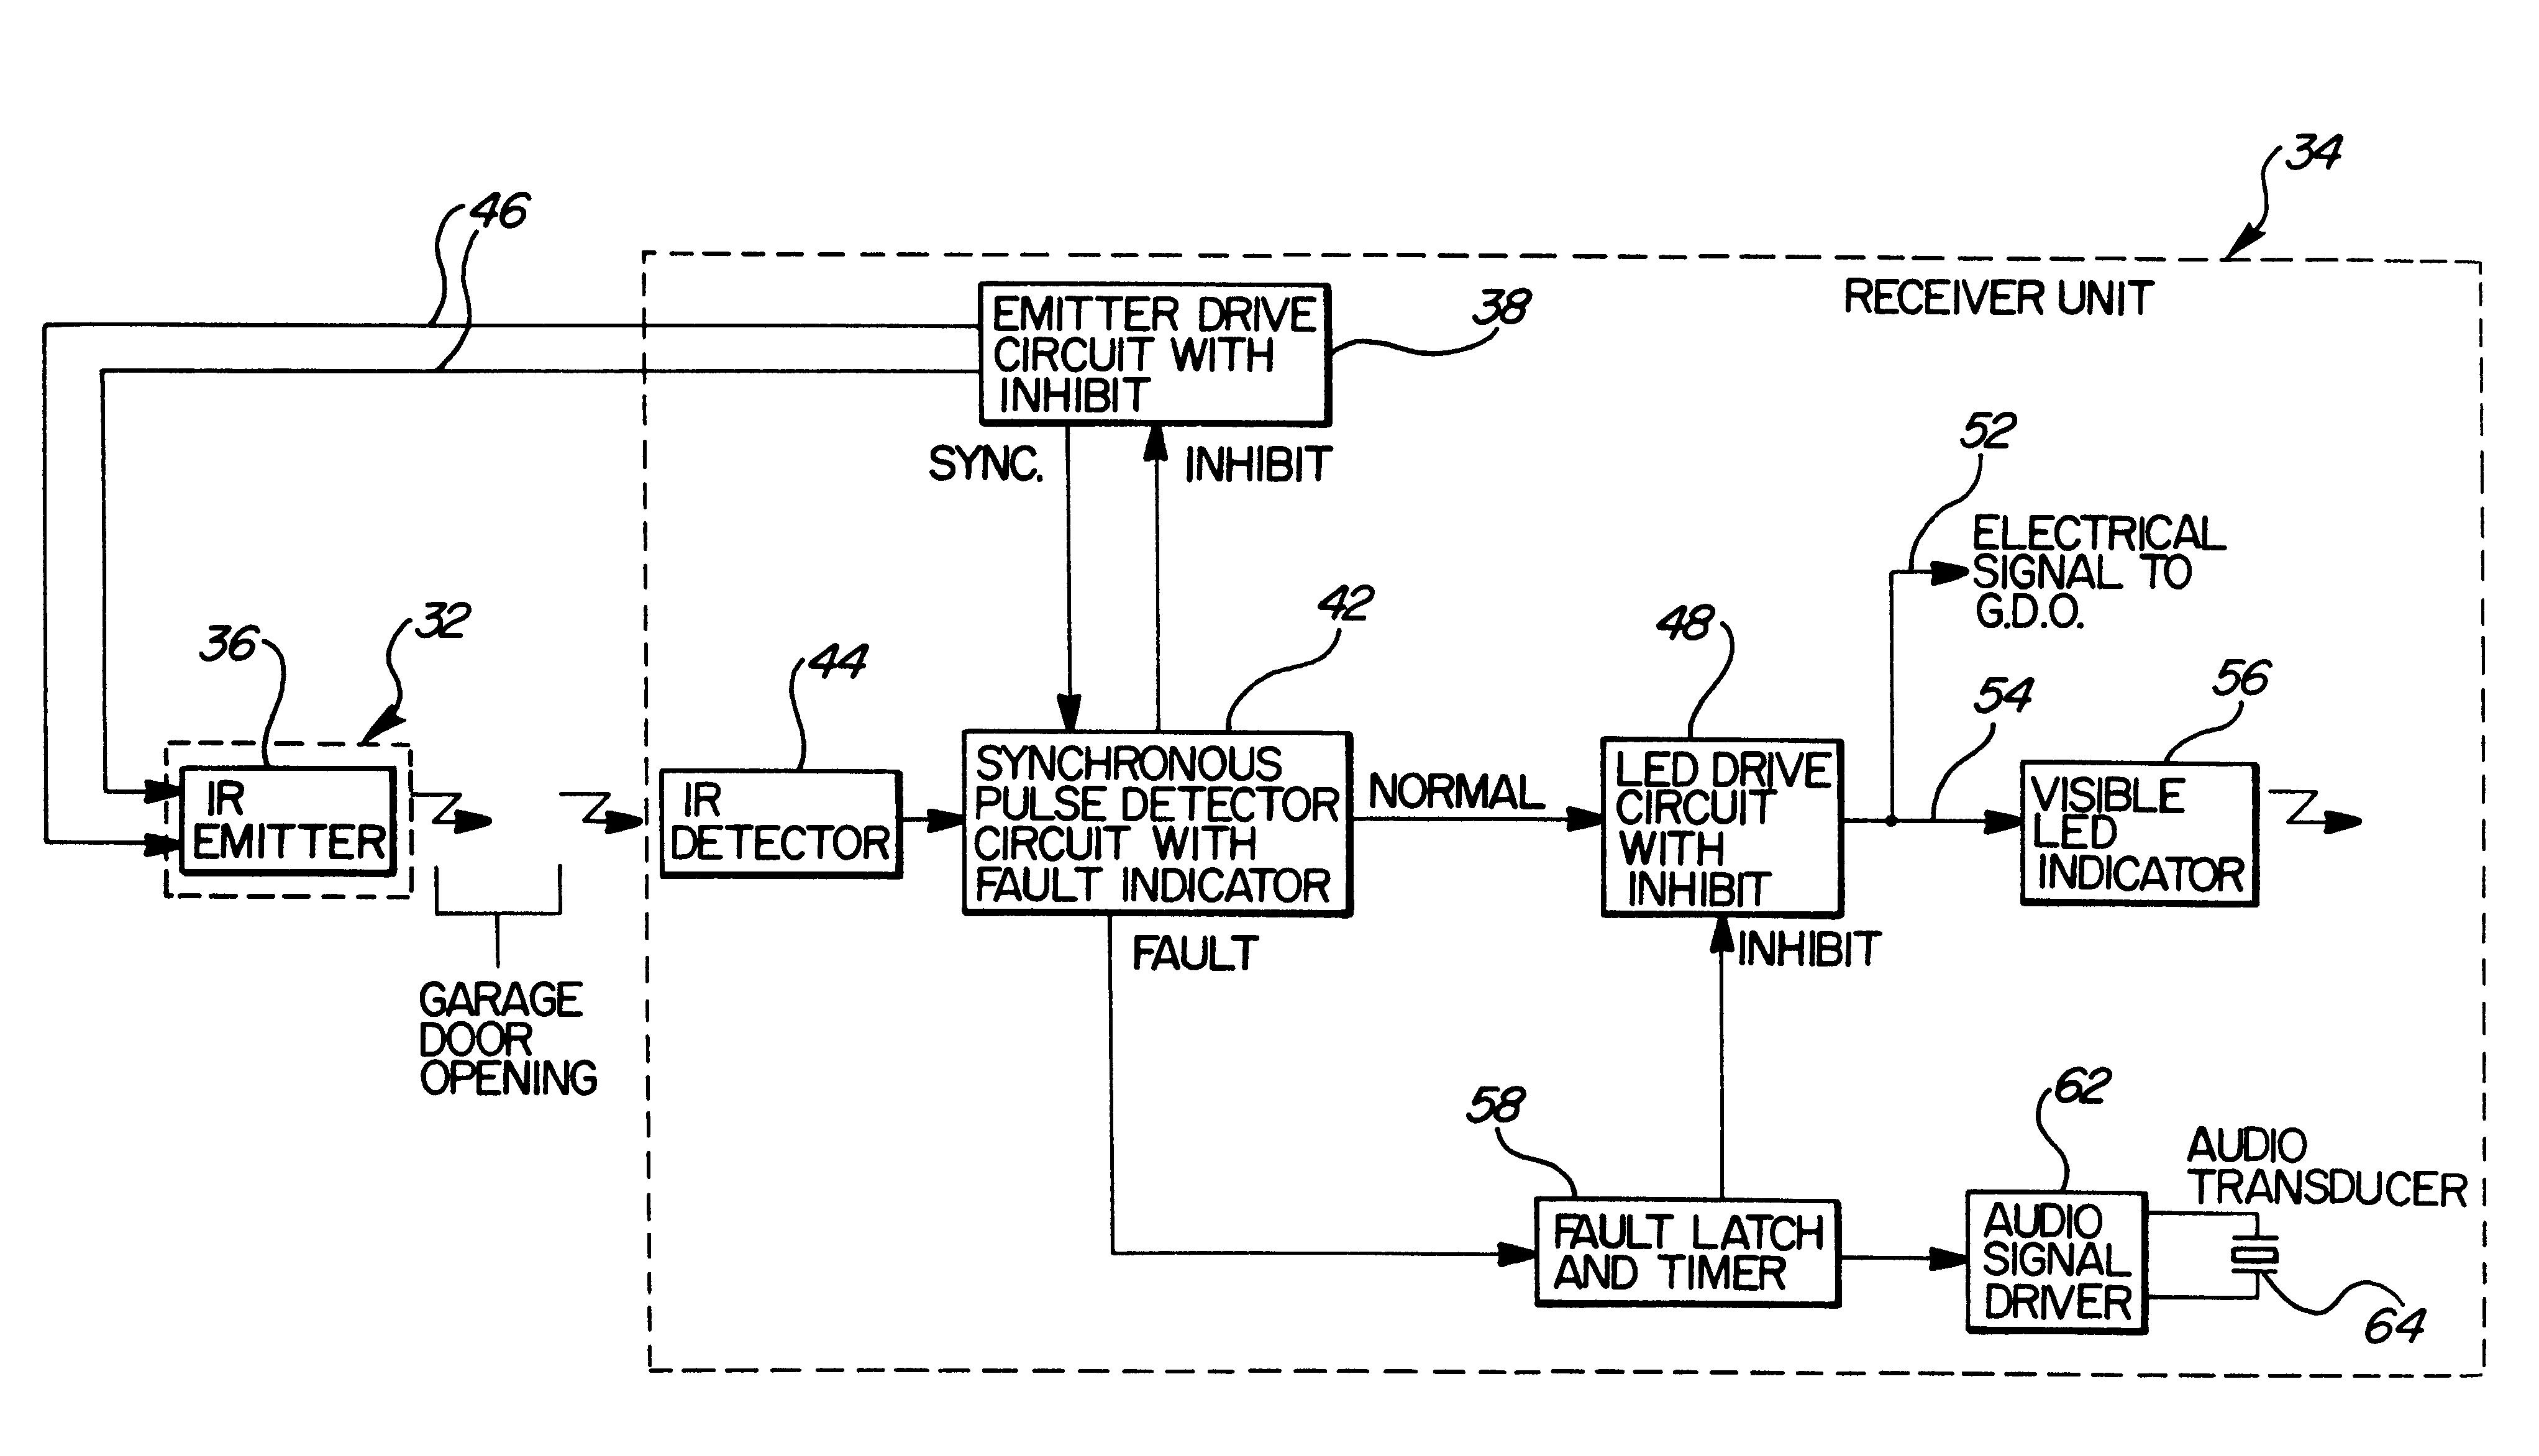 garage door opener sensor wiring diagram Download-Garage Door Opener Wiring  Diagram Futuristic Chamberlain Jesanet